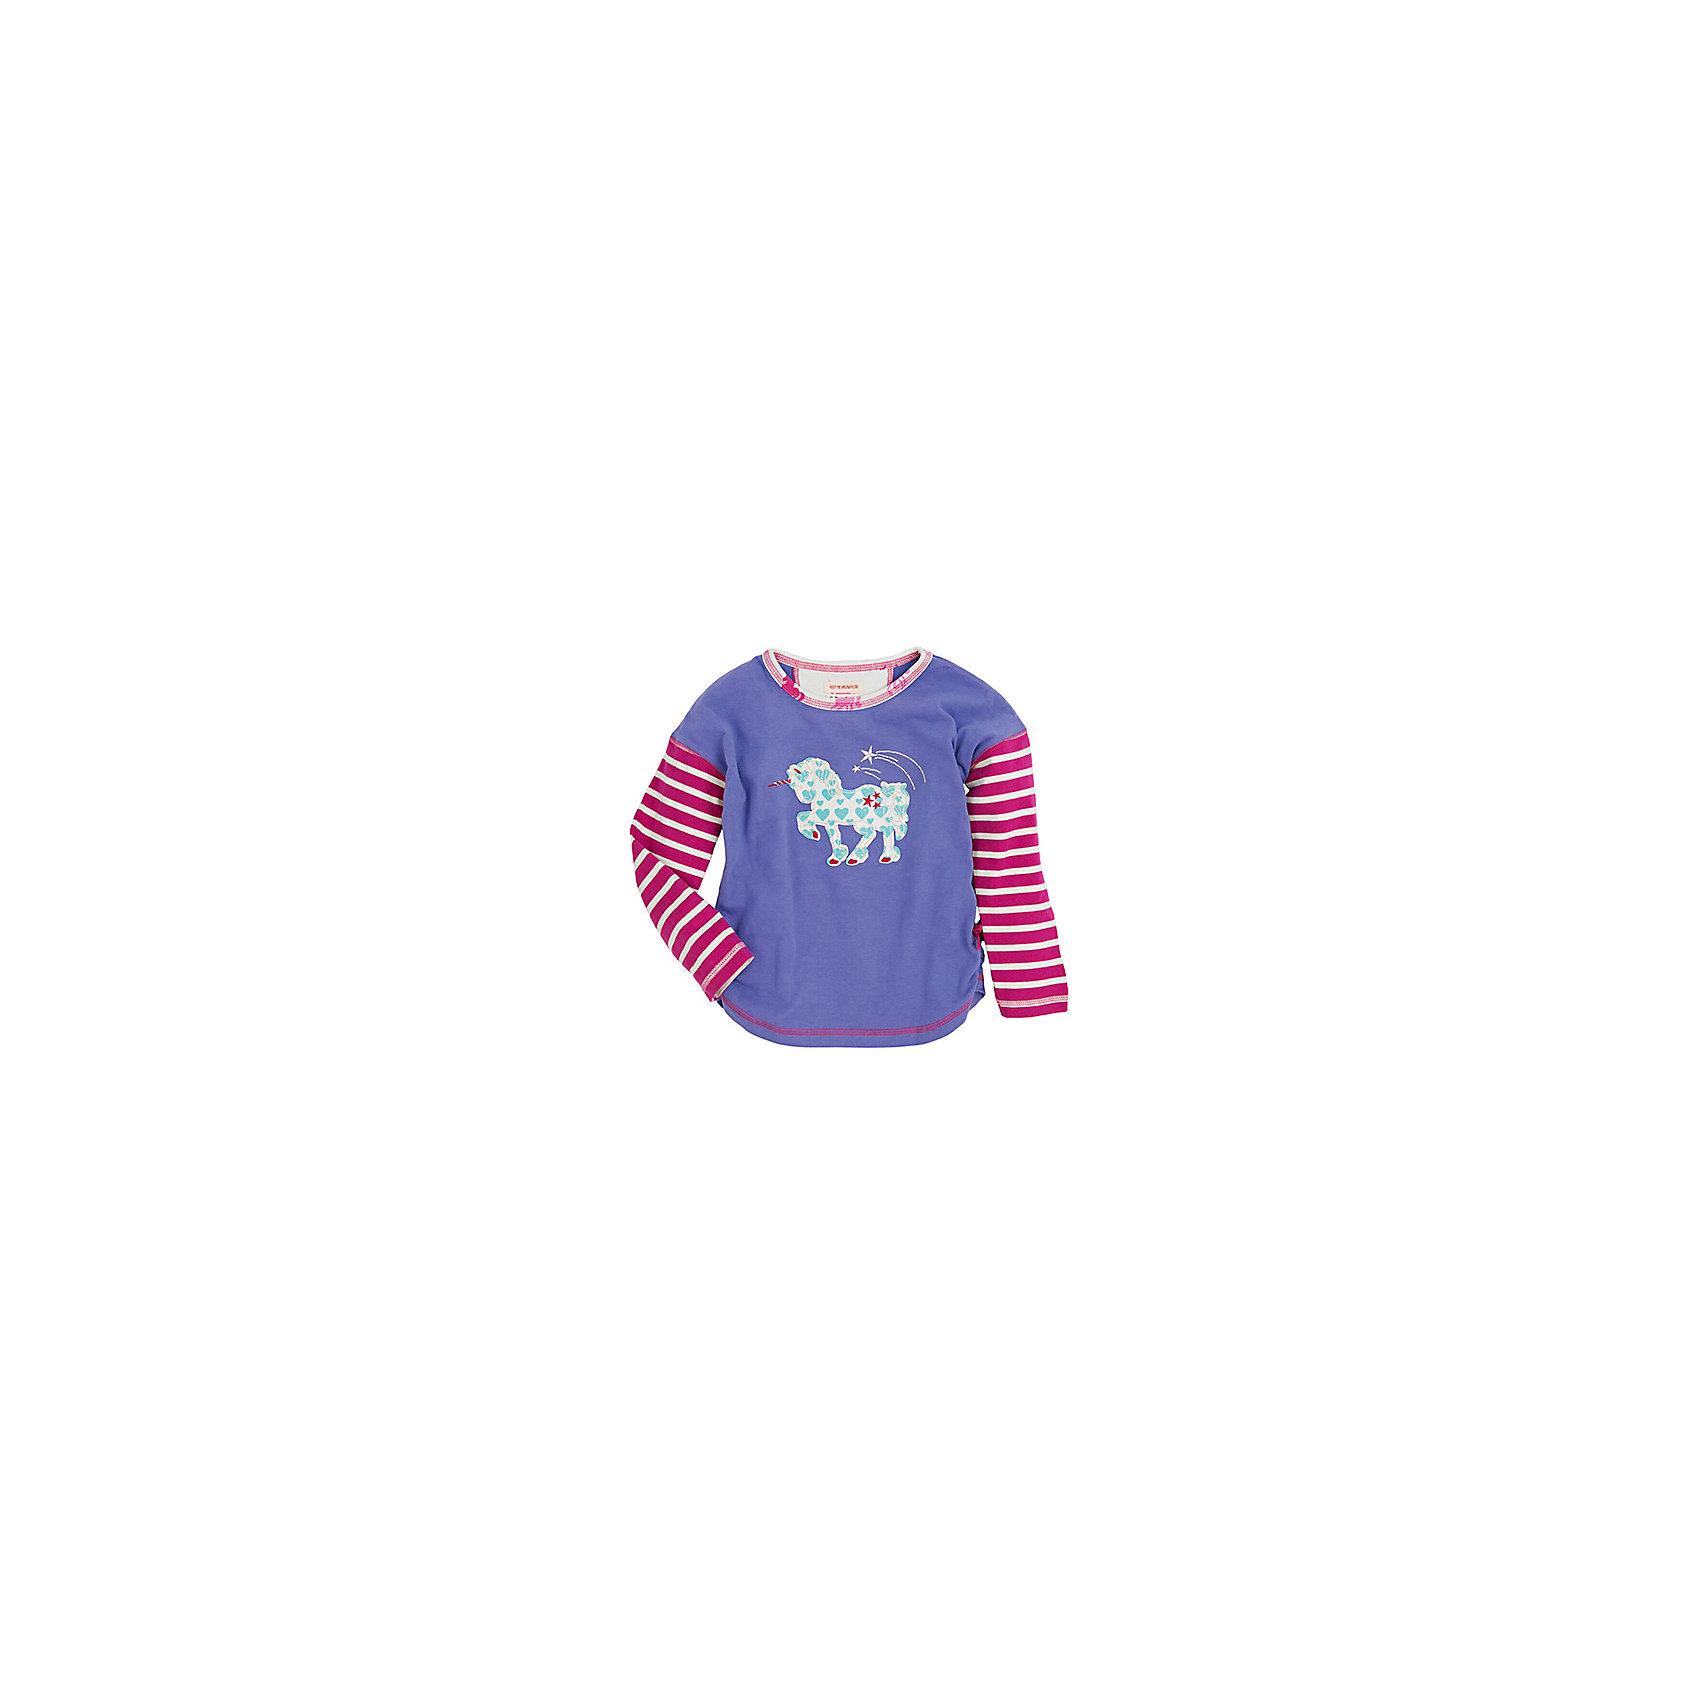 Футболка с длинным рукавом для девочки HatleyФутболки с длинным рукавом<br>Футболка с длинным рукавом для девочки Hatley<br><br>Характеристики:<br><br>• Состав: 100% хлопок<br>• Цвет: сиреневый, красный<br><br>Красивая и модная футболка с длинными рукавами идеально подойдет для летней прохладной погоды или для носки в помещении. Благодаря тому, что ткань натуральная и не вызывает аллергии, ребенок сможет бегать и прыгать, не боясь, что вспотеет и на коже будут раздражения. Яркий и забавный принт-аппликация с Единорогом делает футболку еще и очень привлекательной. Рукава словно вставлены в кофту или под футболкой есть дополнительная водолазка. Такой стиль очень нравится детям.<br><br>Футболку с длинным рукавом для девочки Hatley можно купить в нашем интернет-магазине.<br><br>Ширина мм: 230<br>Глубина мм: 40<br>Высота мм: 220<br>Вес г: 250<br>Цвет: сиреневый<br>Возраст от месяцев: 36<br>Возраст до месяцев: 48<br>Пол: Женский<br>Возраст: Детский<br>Размер: 122,128,110,116,98,104,92<br>SKU: 5020632